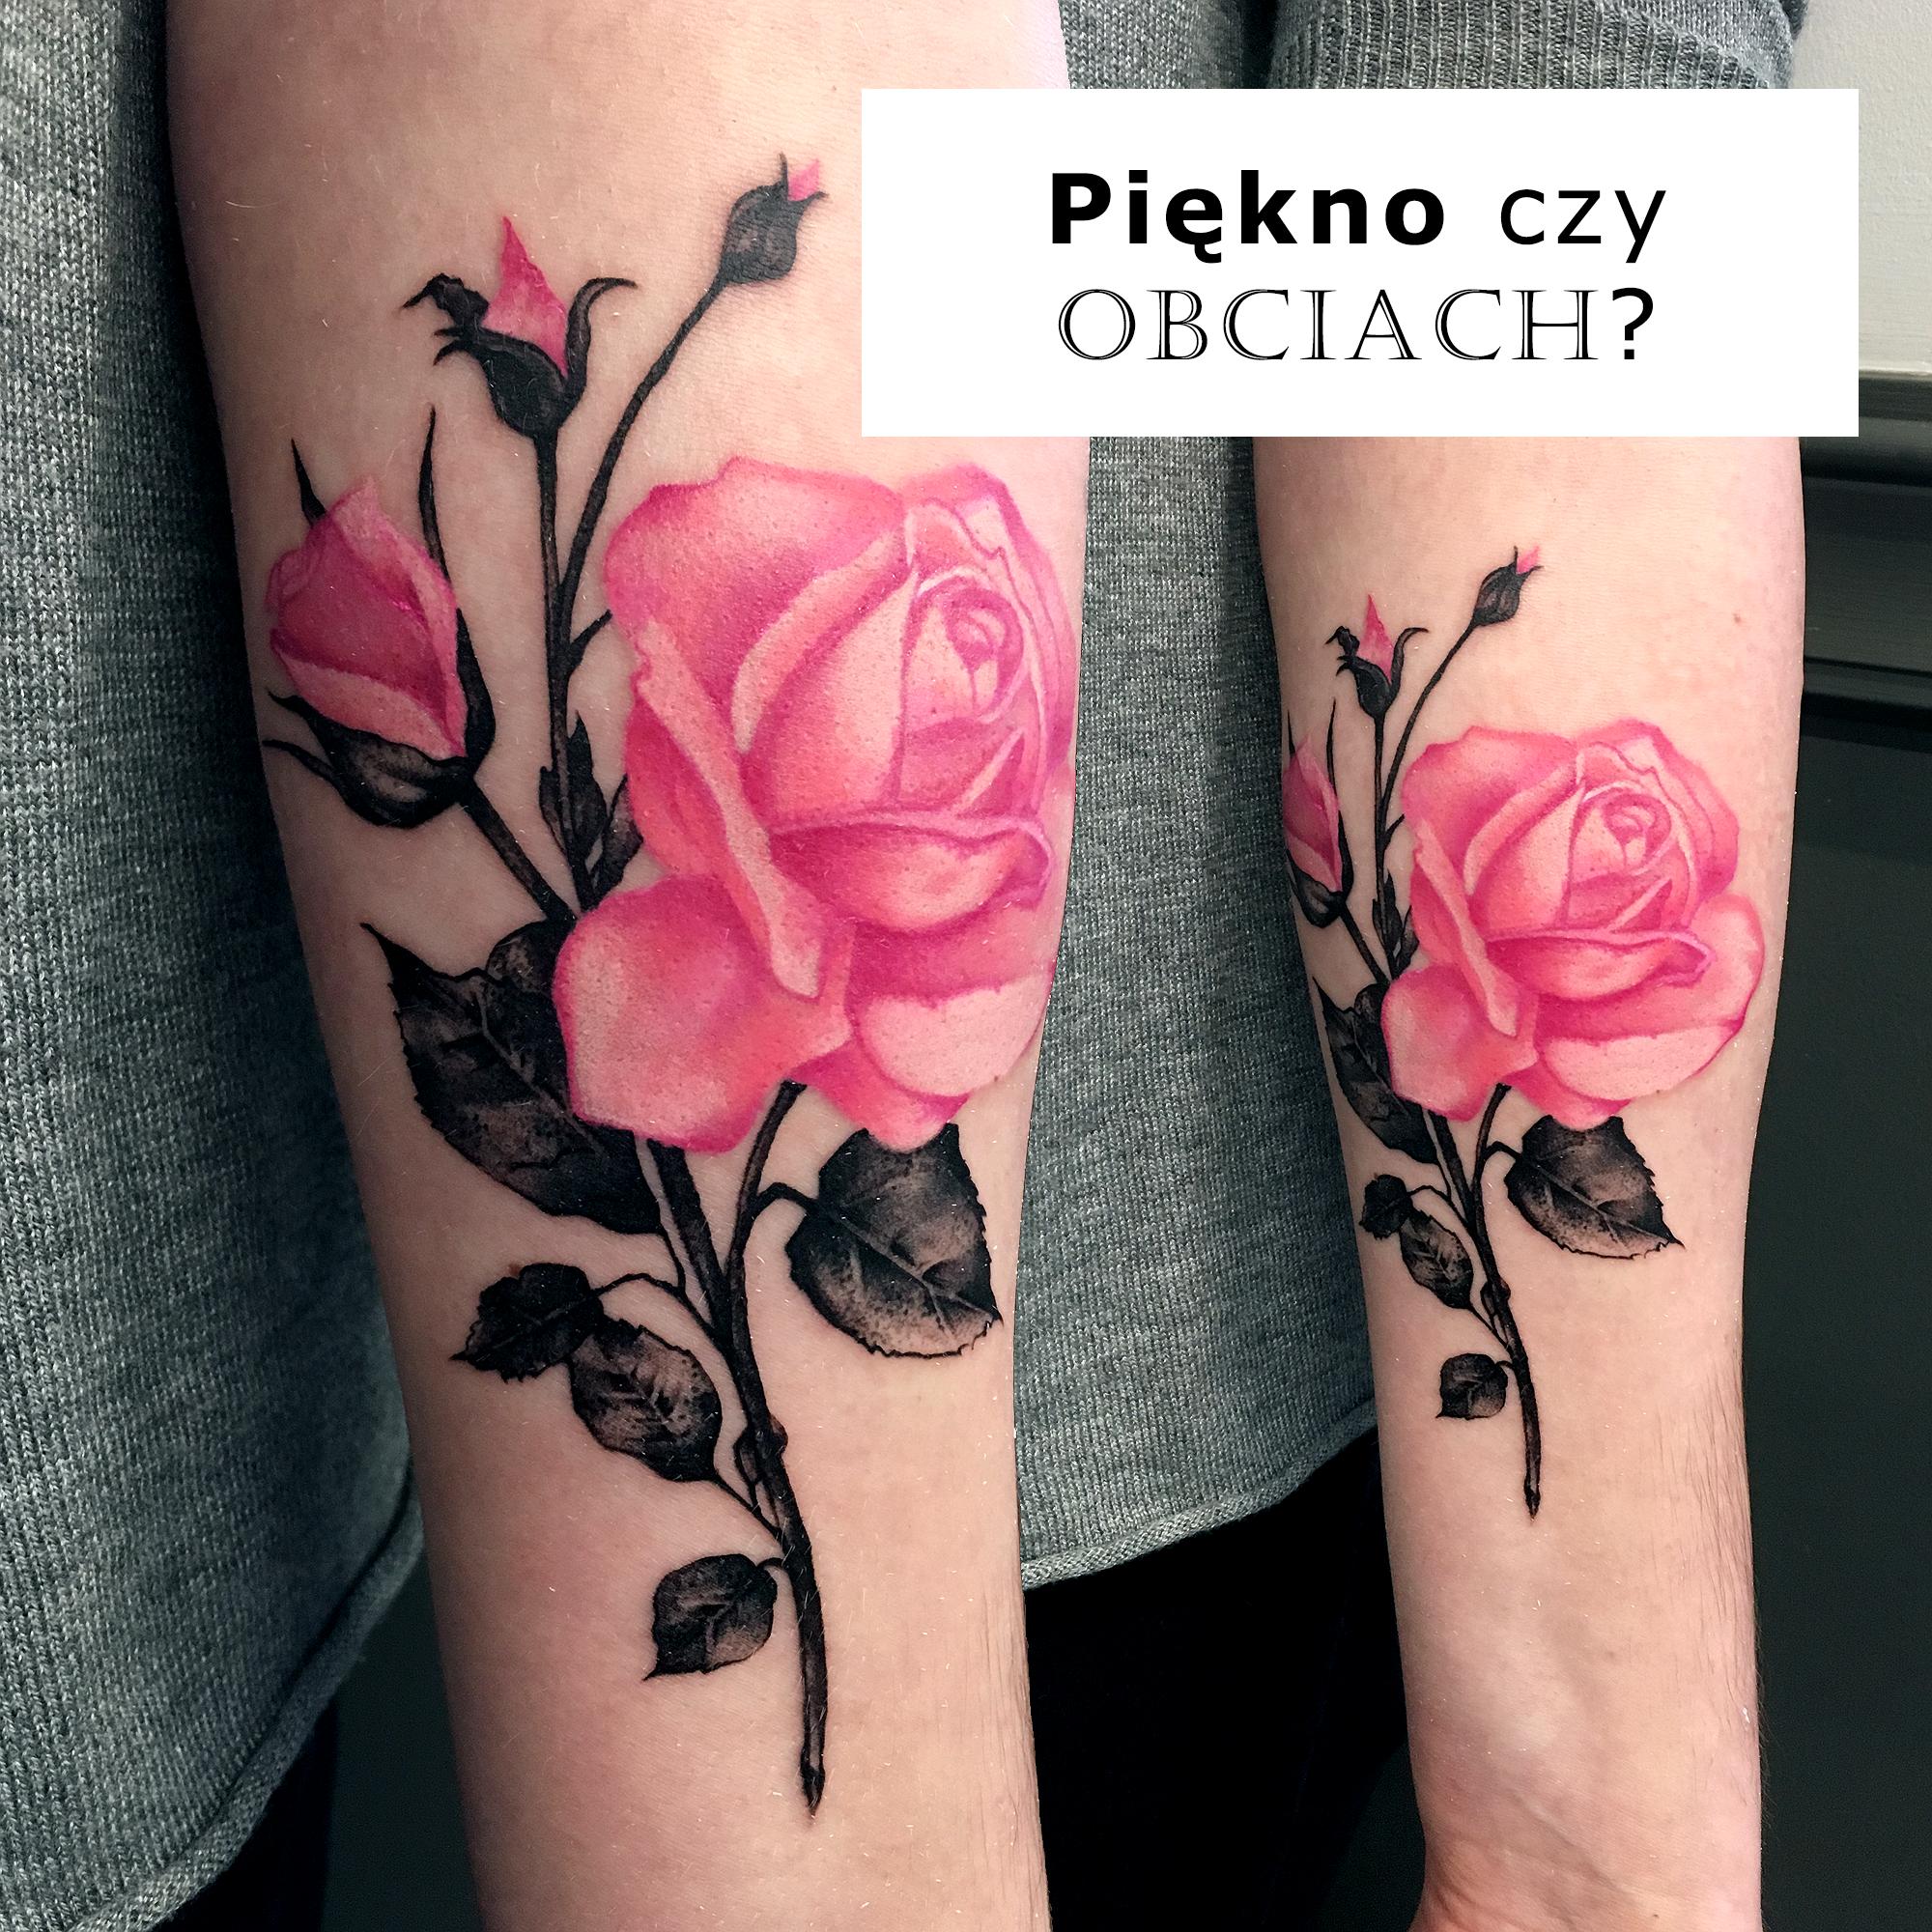 Popularne motywy tatuazy - piękno czy obciach